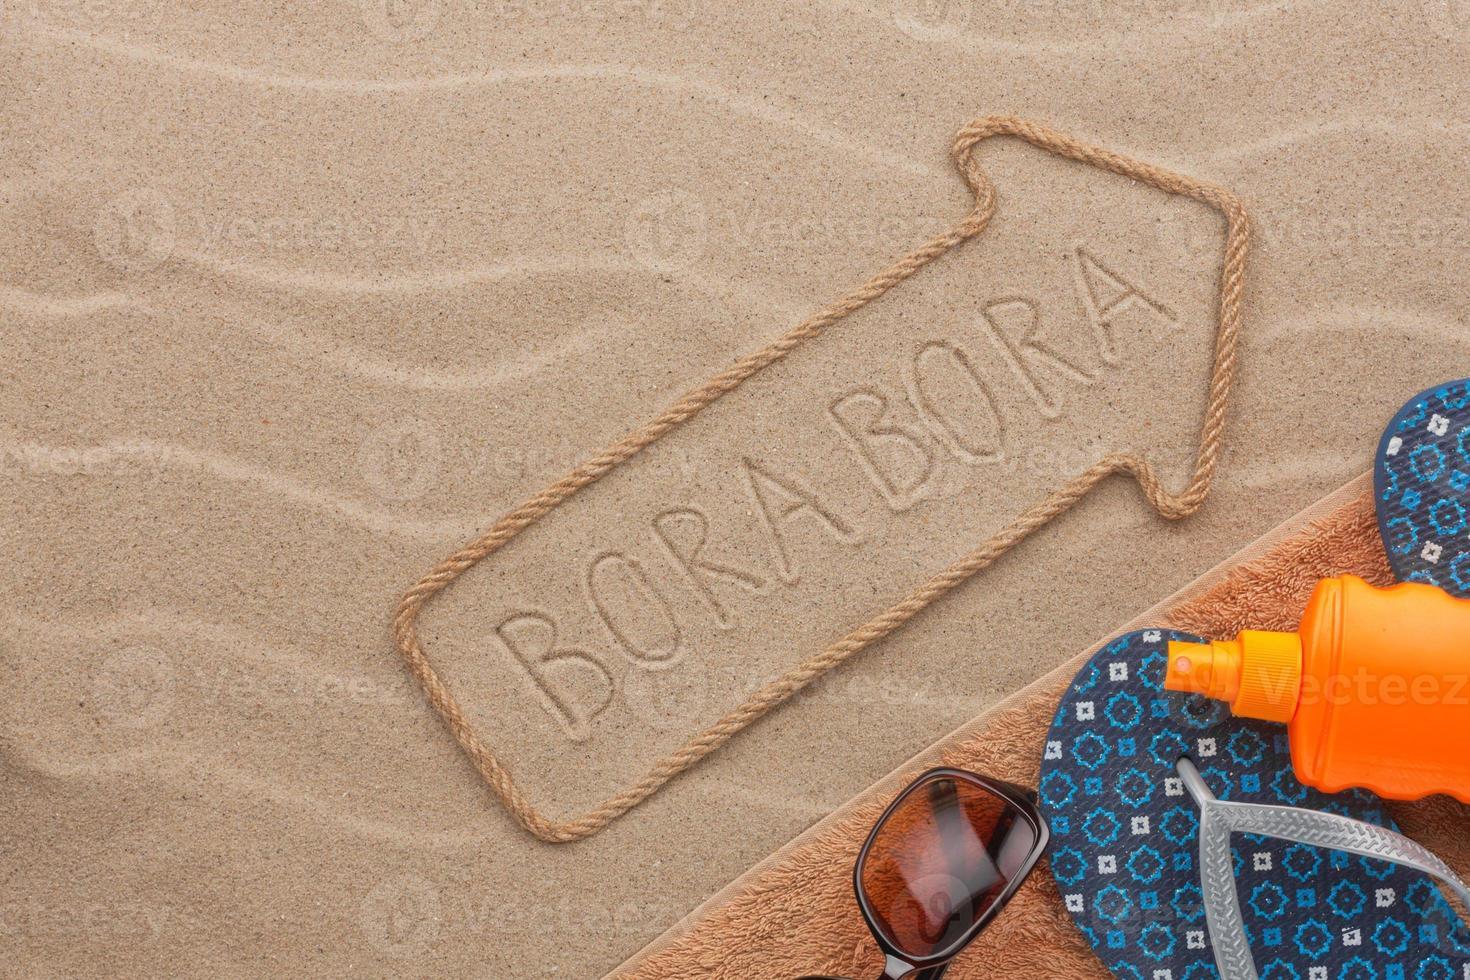 puntatore bora bora e accessori da spiaggia sdraiati sulla sabbia foto